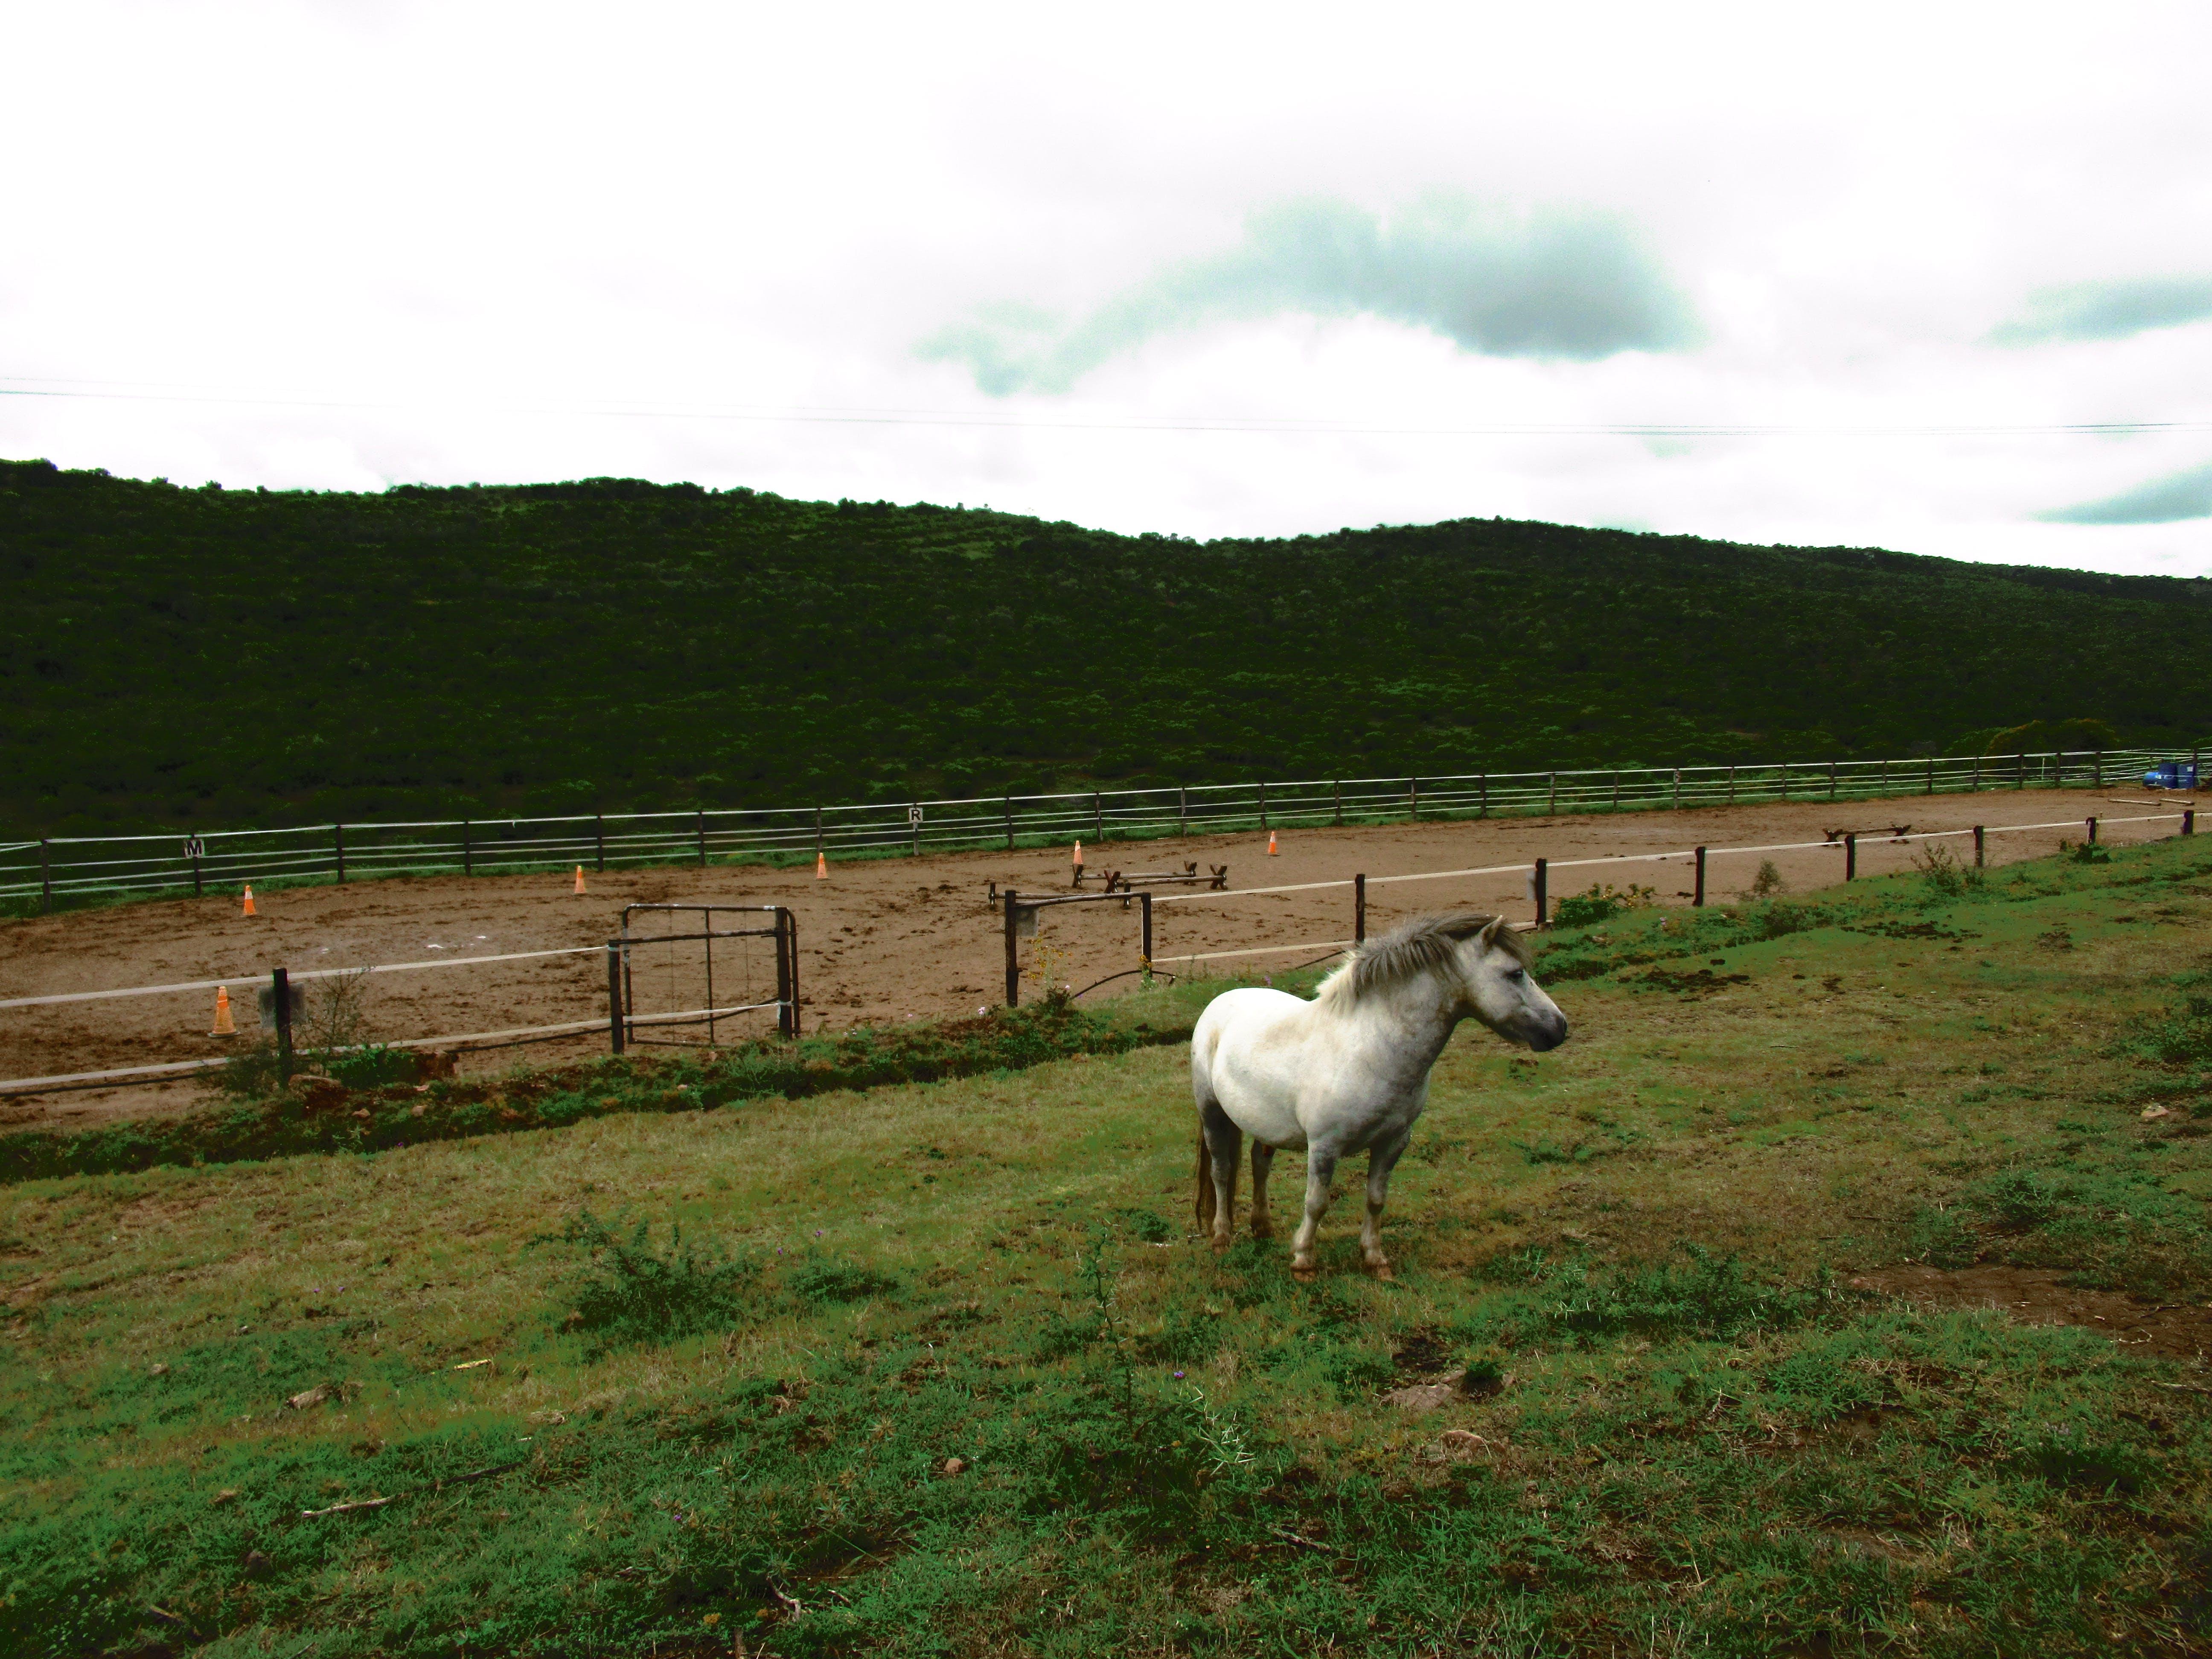 ファーム, フィールド, フェンス, 動物の無料の写真素材